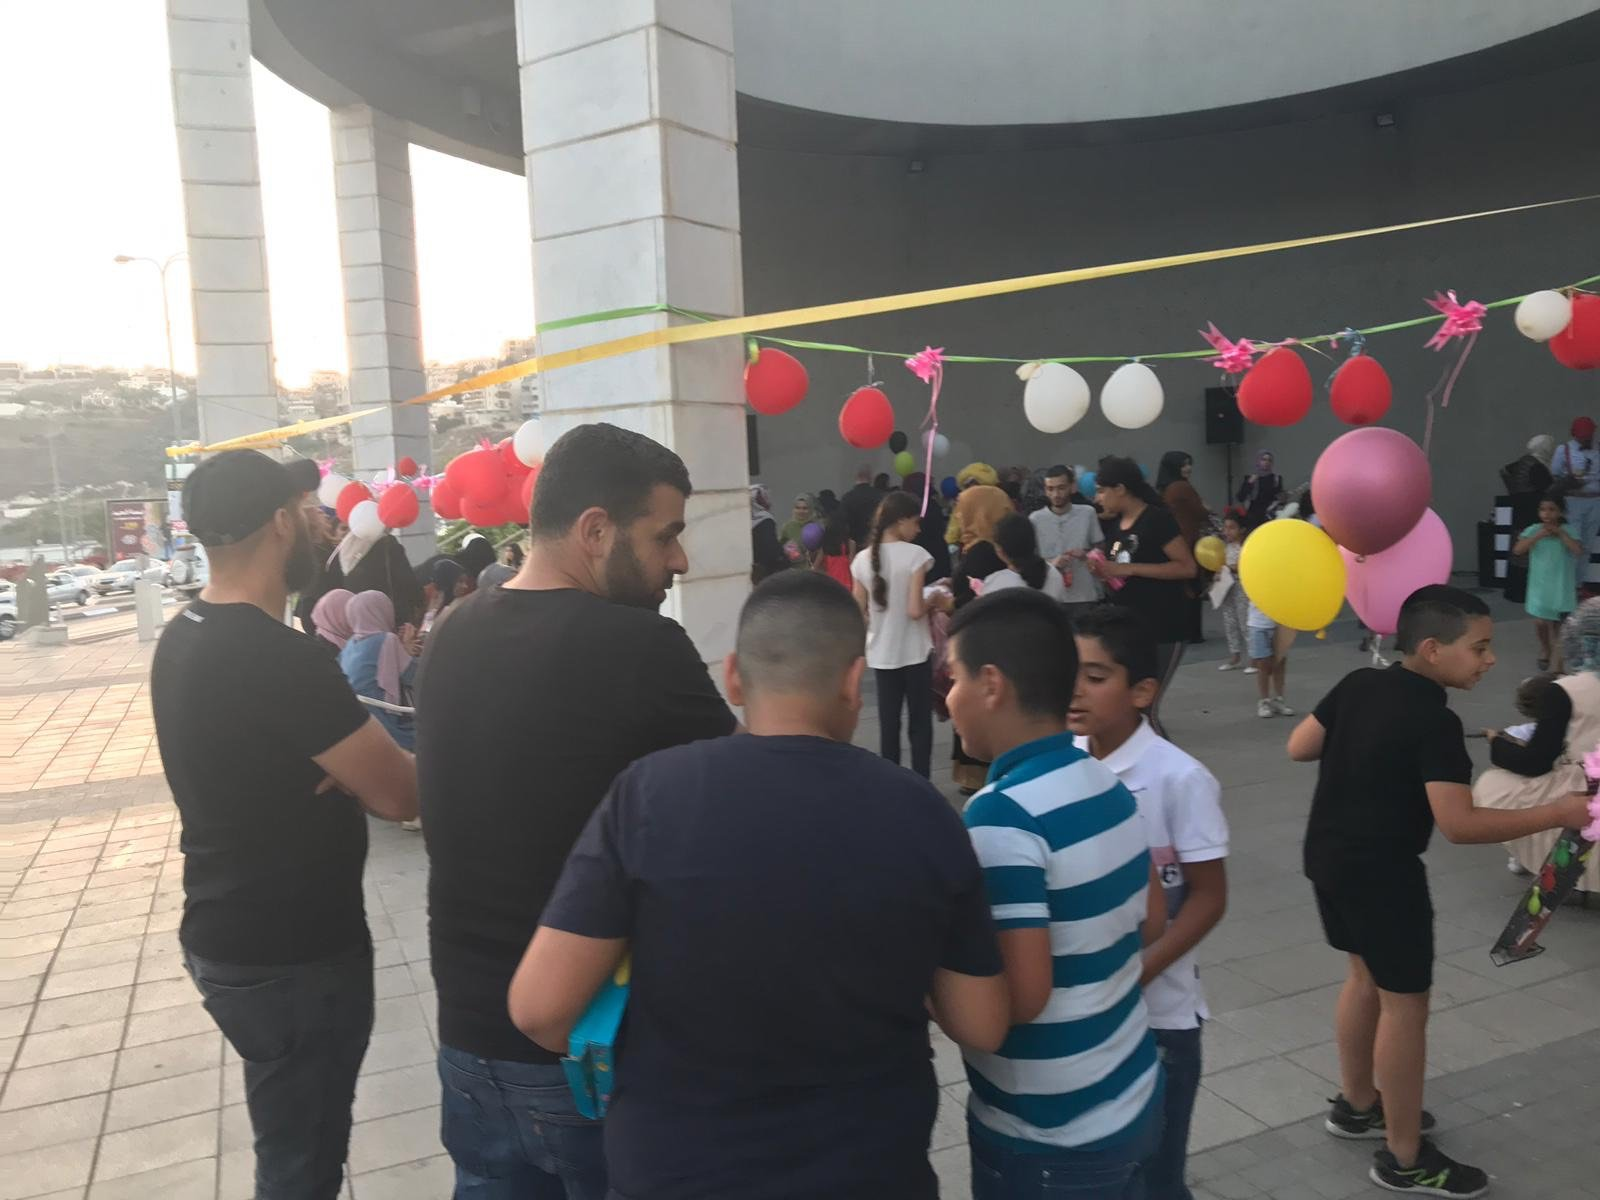 ام الفحم: قناديل الخير تحتفل بقدوم عيد الأضحى وتوزّع اللحوم على المستورين